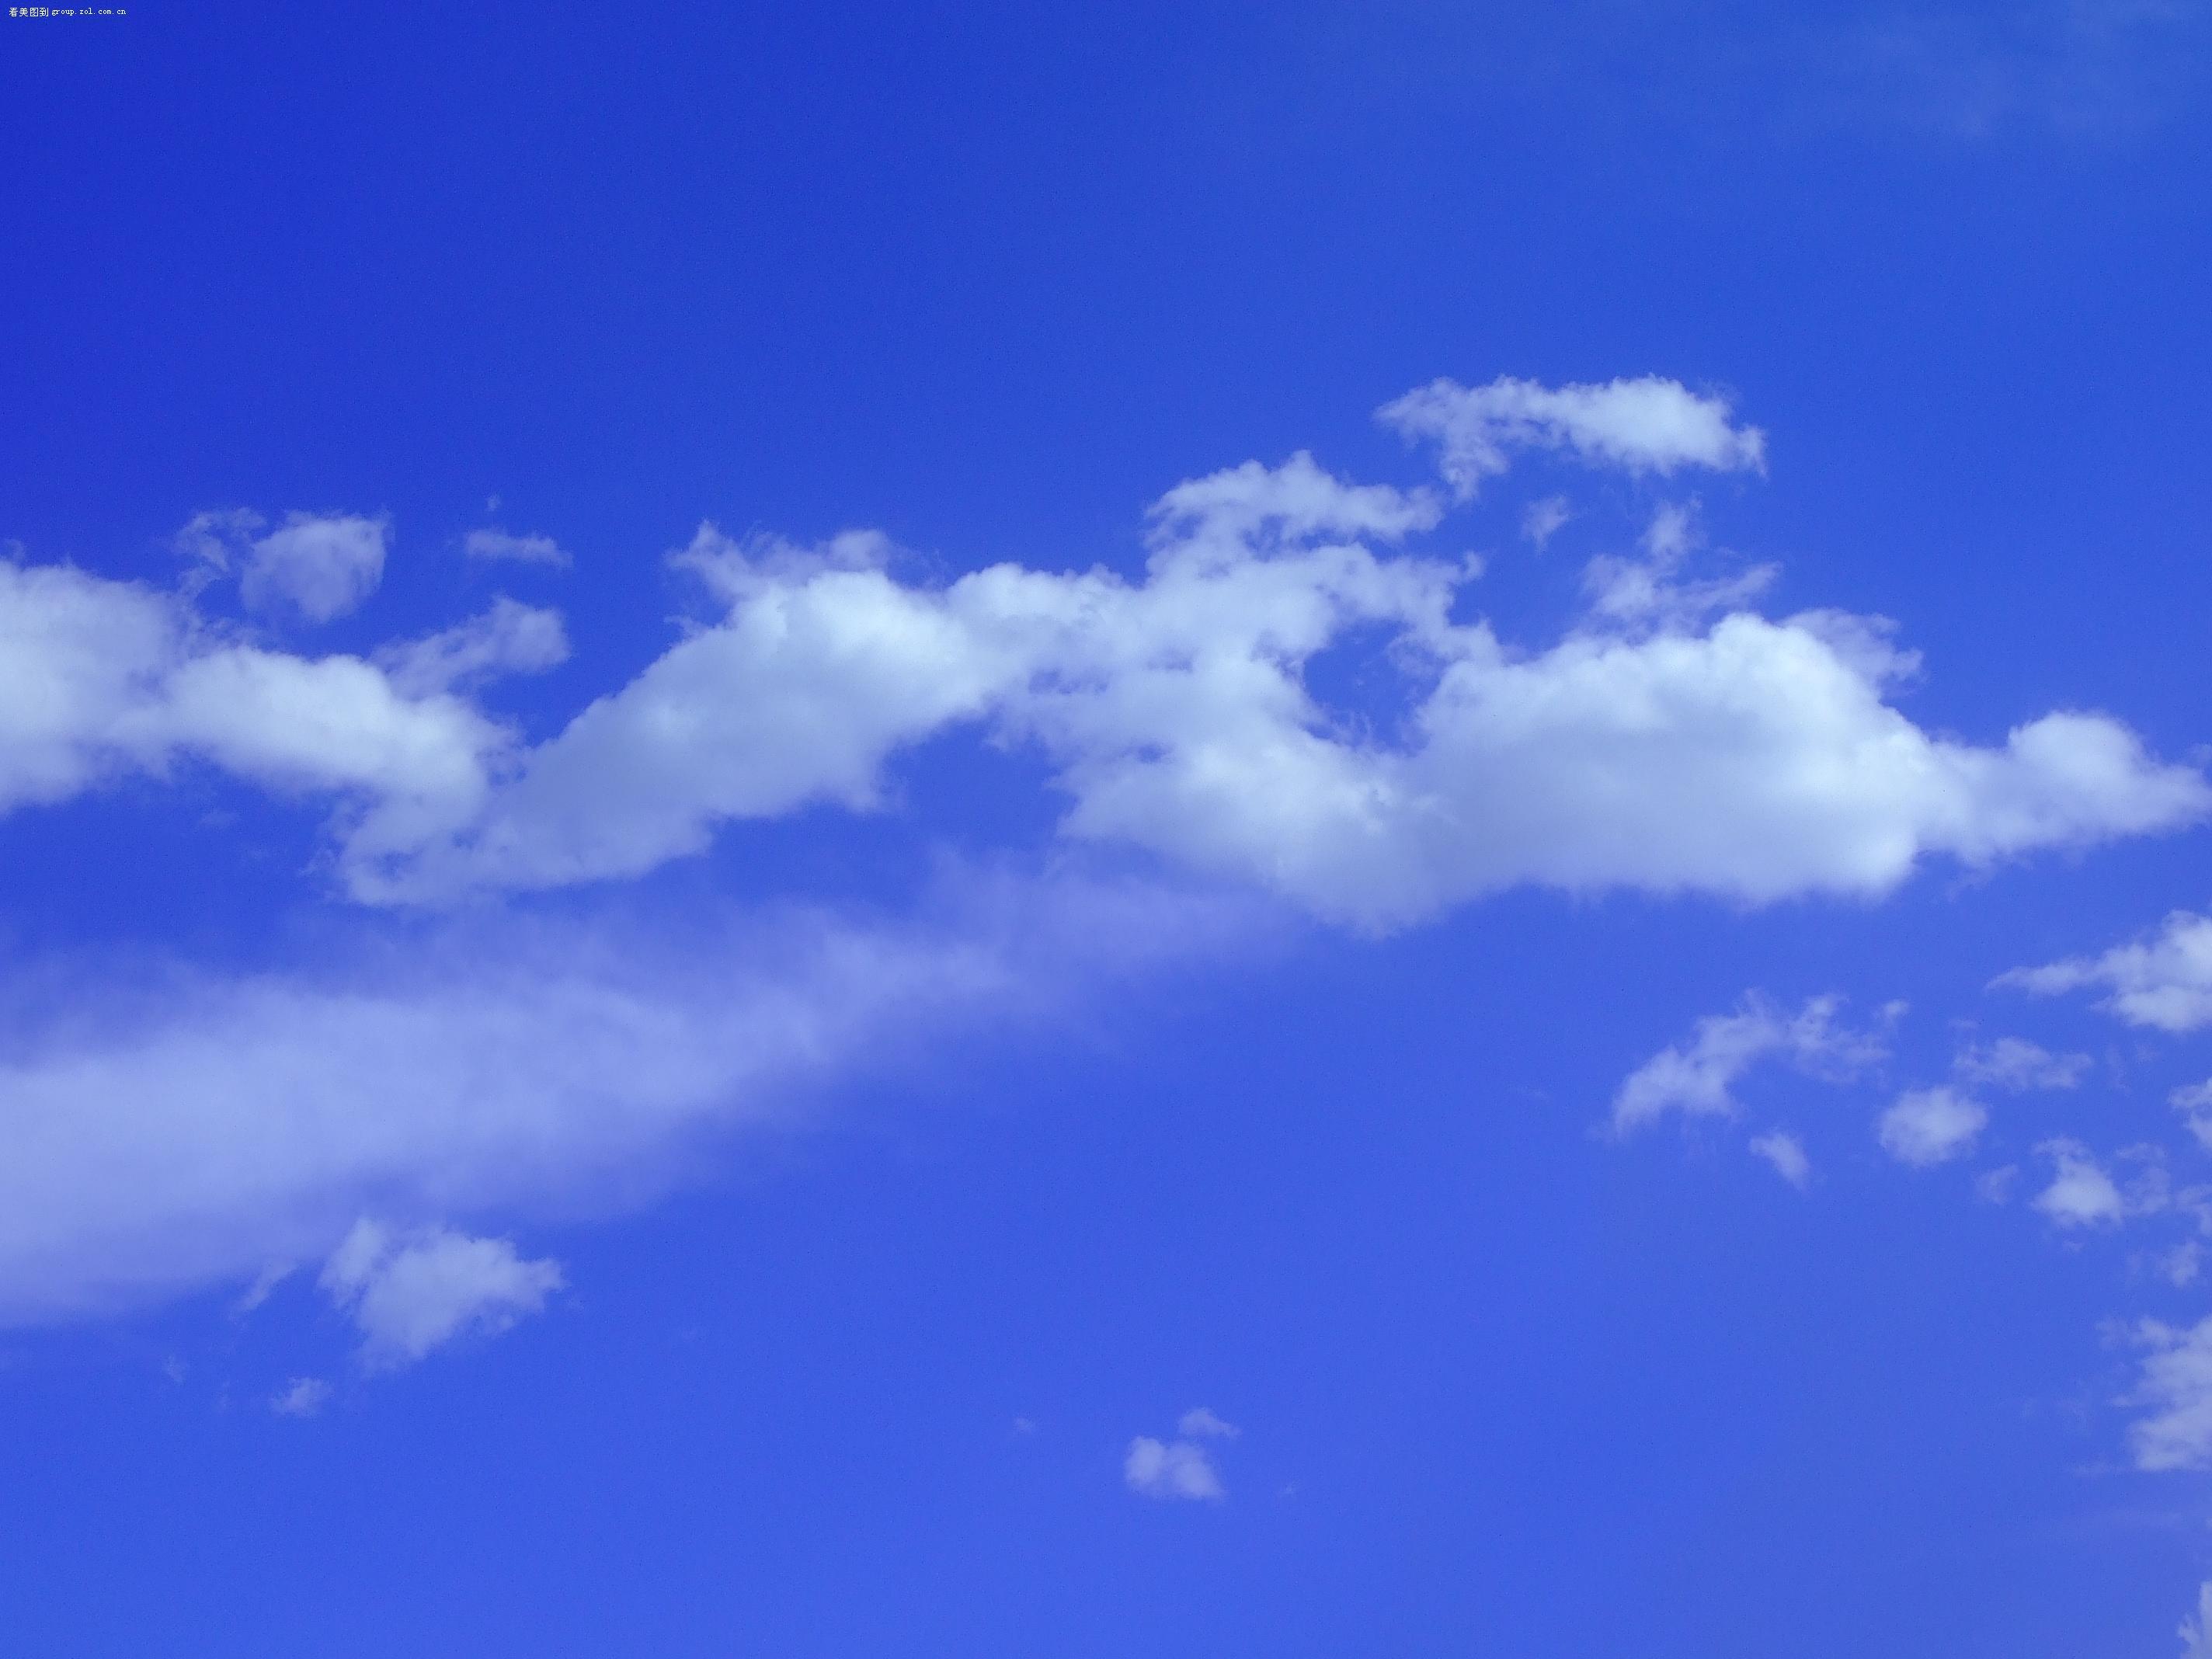 渐变蓝天空素材